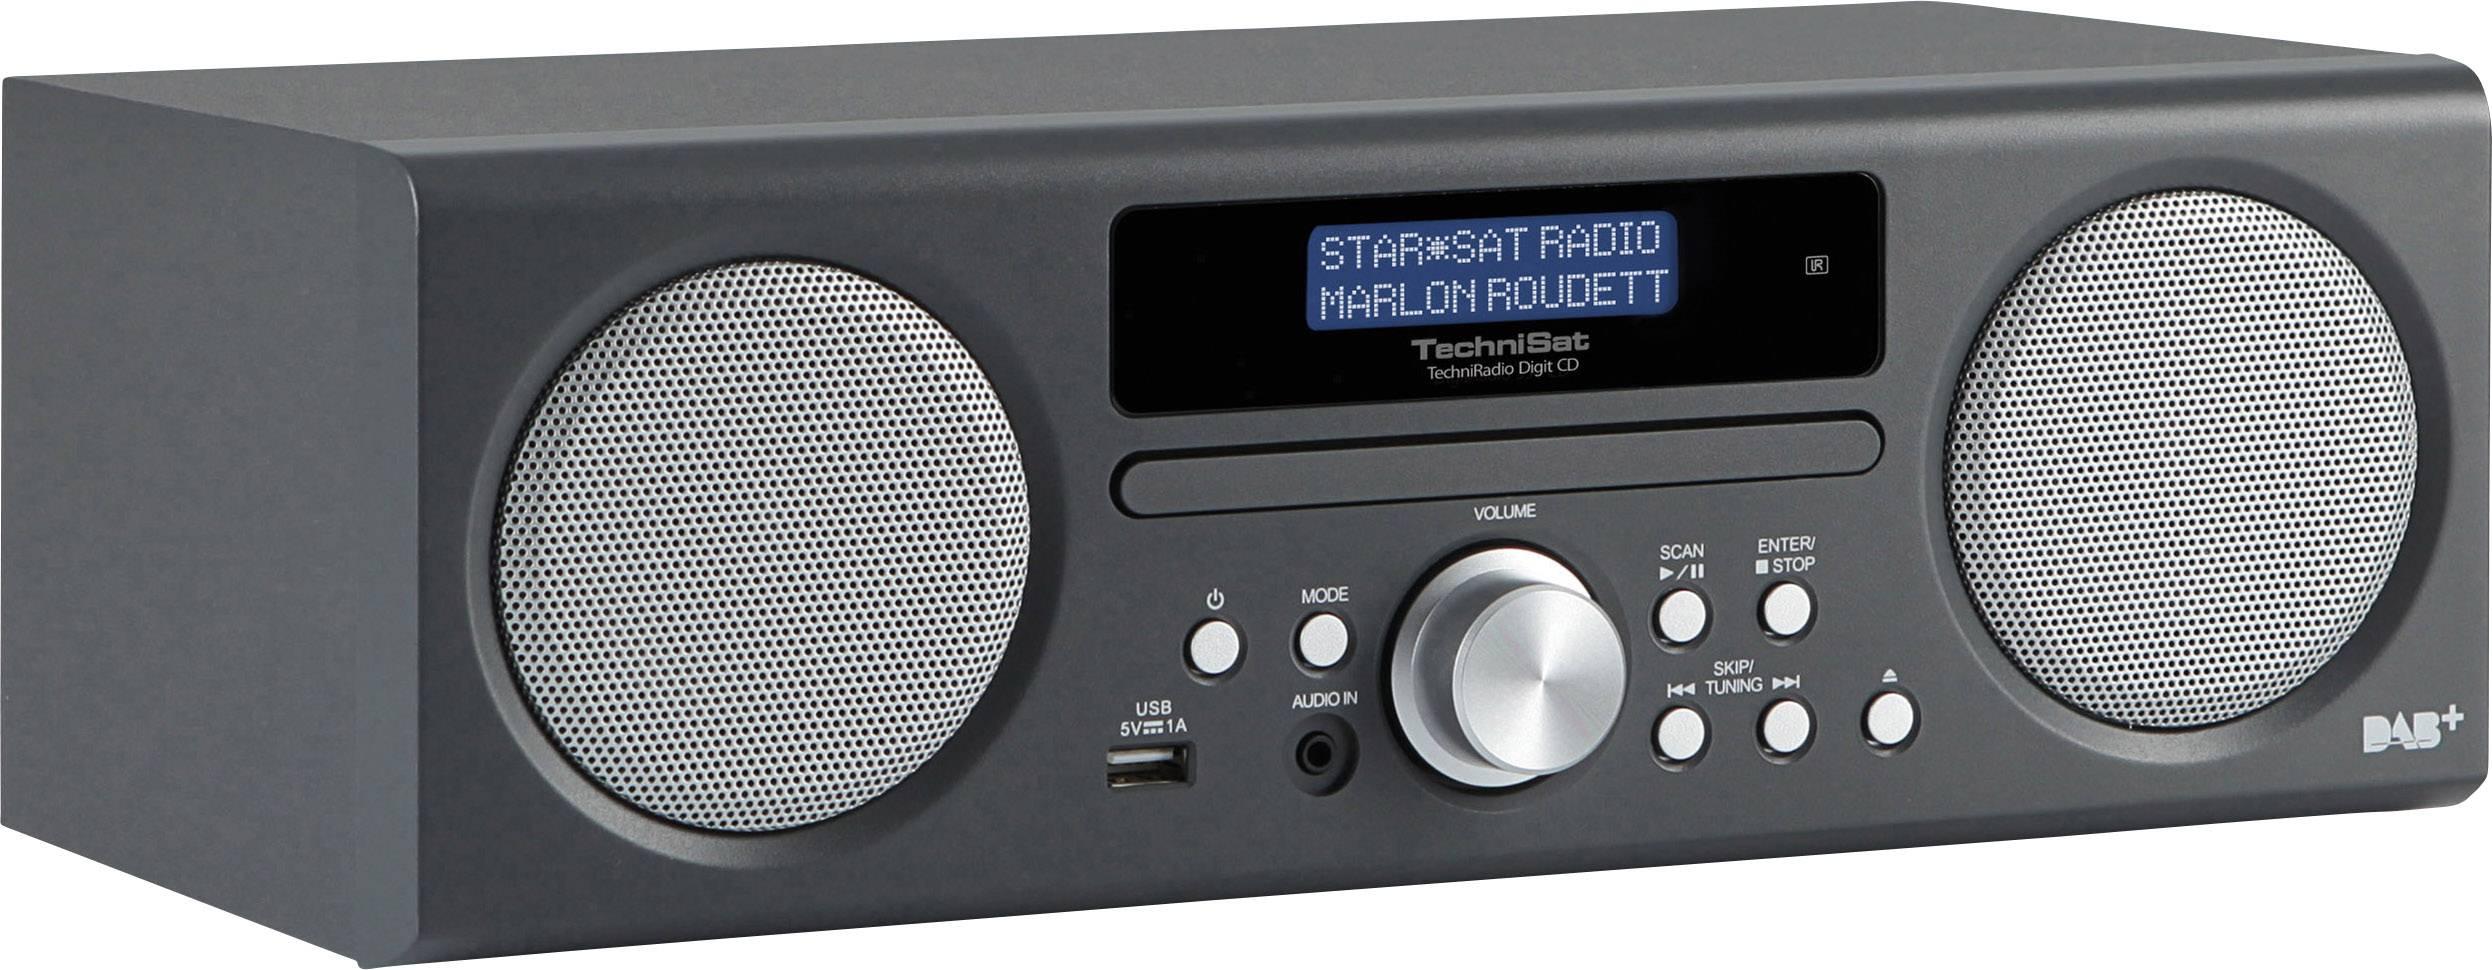 DAB+ rádio TechniSat TechniRadio Digit CD AUX, CD, USB antracitová